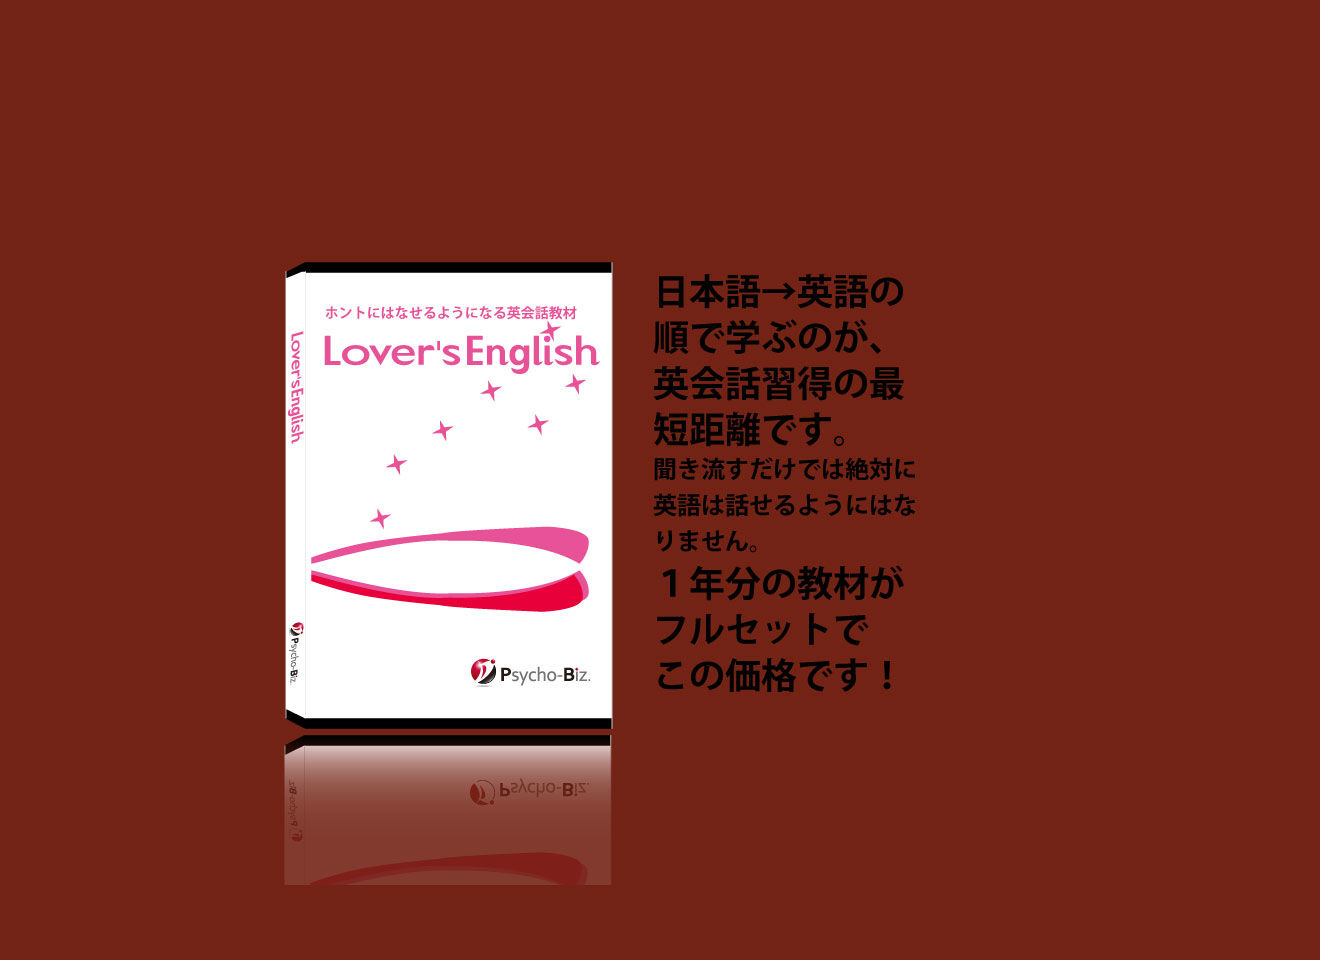 日本語→英語の順で学ぶ英会話教材 Lover's English 聞き流すだけの英語教材では話せるようにはなれません。話す練習がたくさんあるLover's Englishで使える英語を身につけましょう。1年間12か月分の教材がワンセットになってこの価格です!スマホ、タブレットPC、パソコン用教材です。